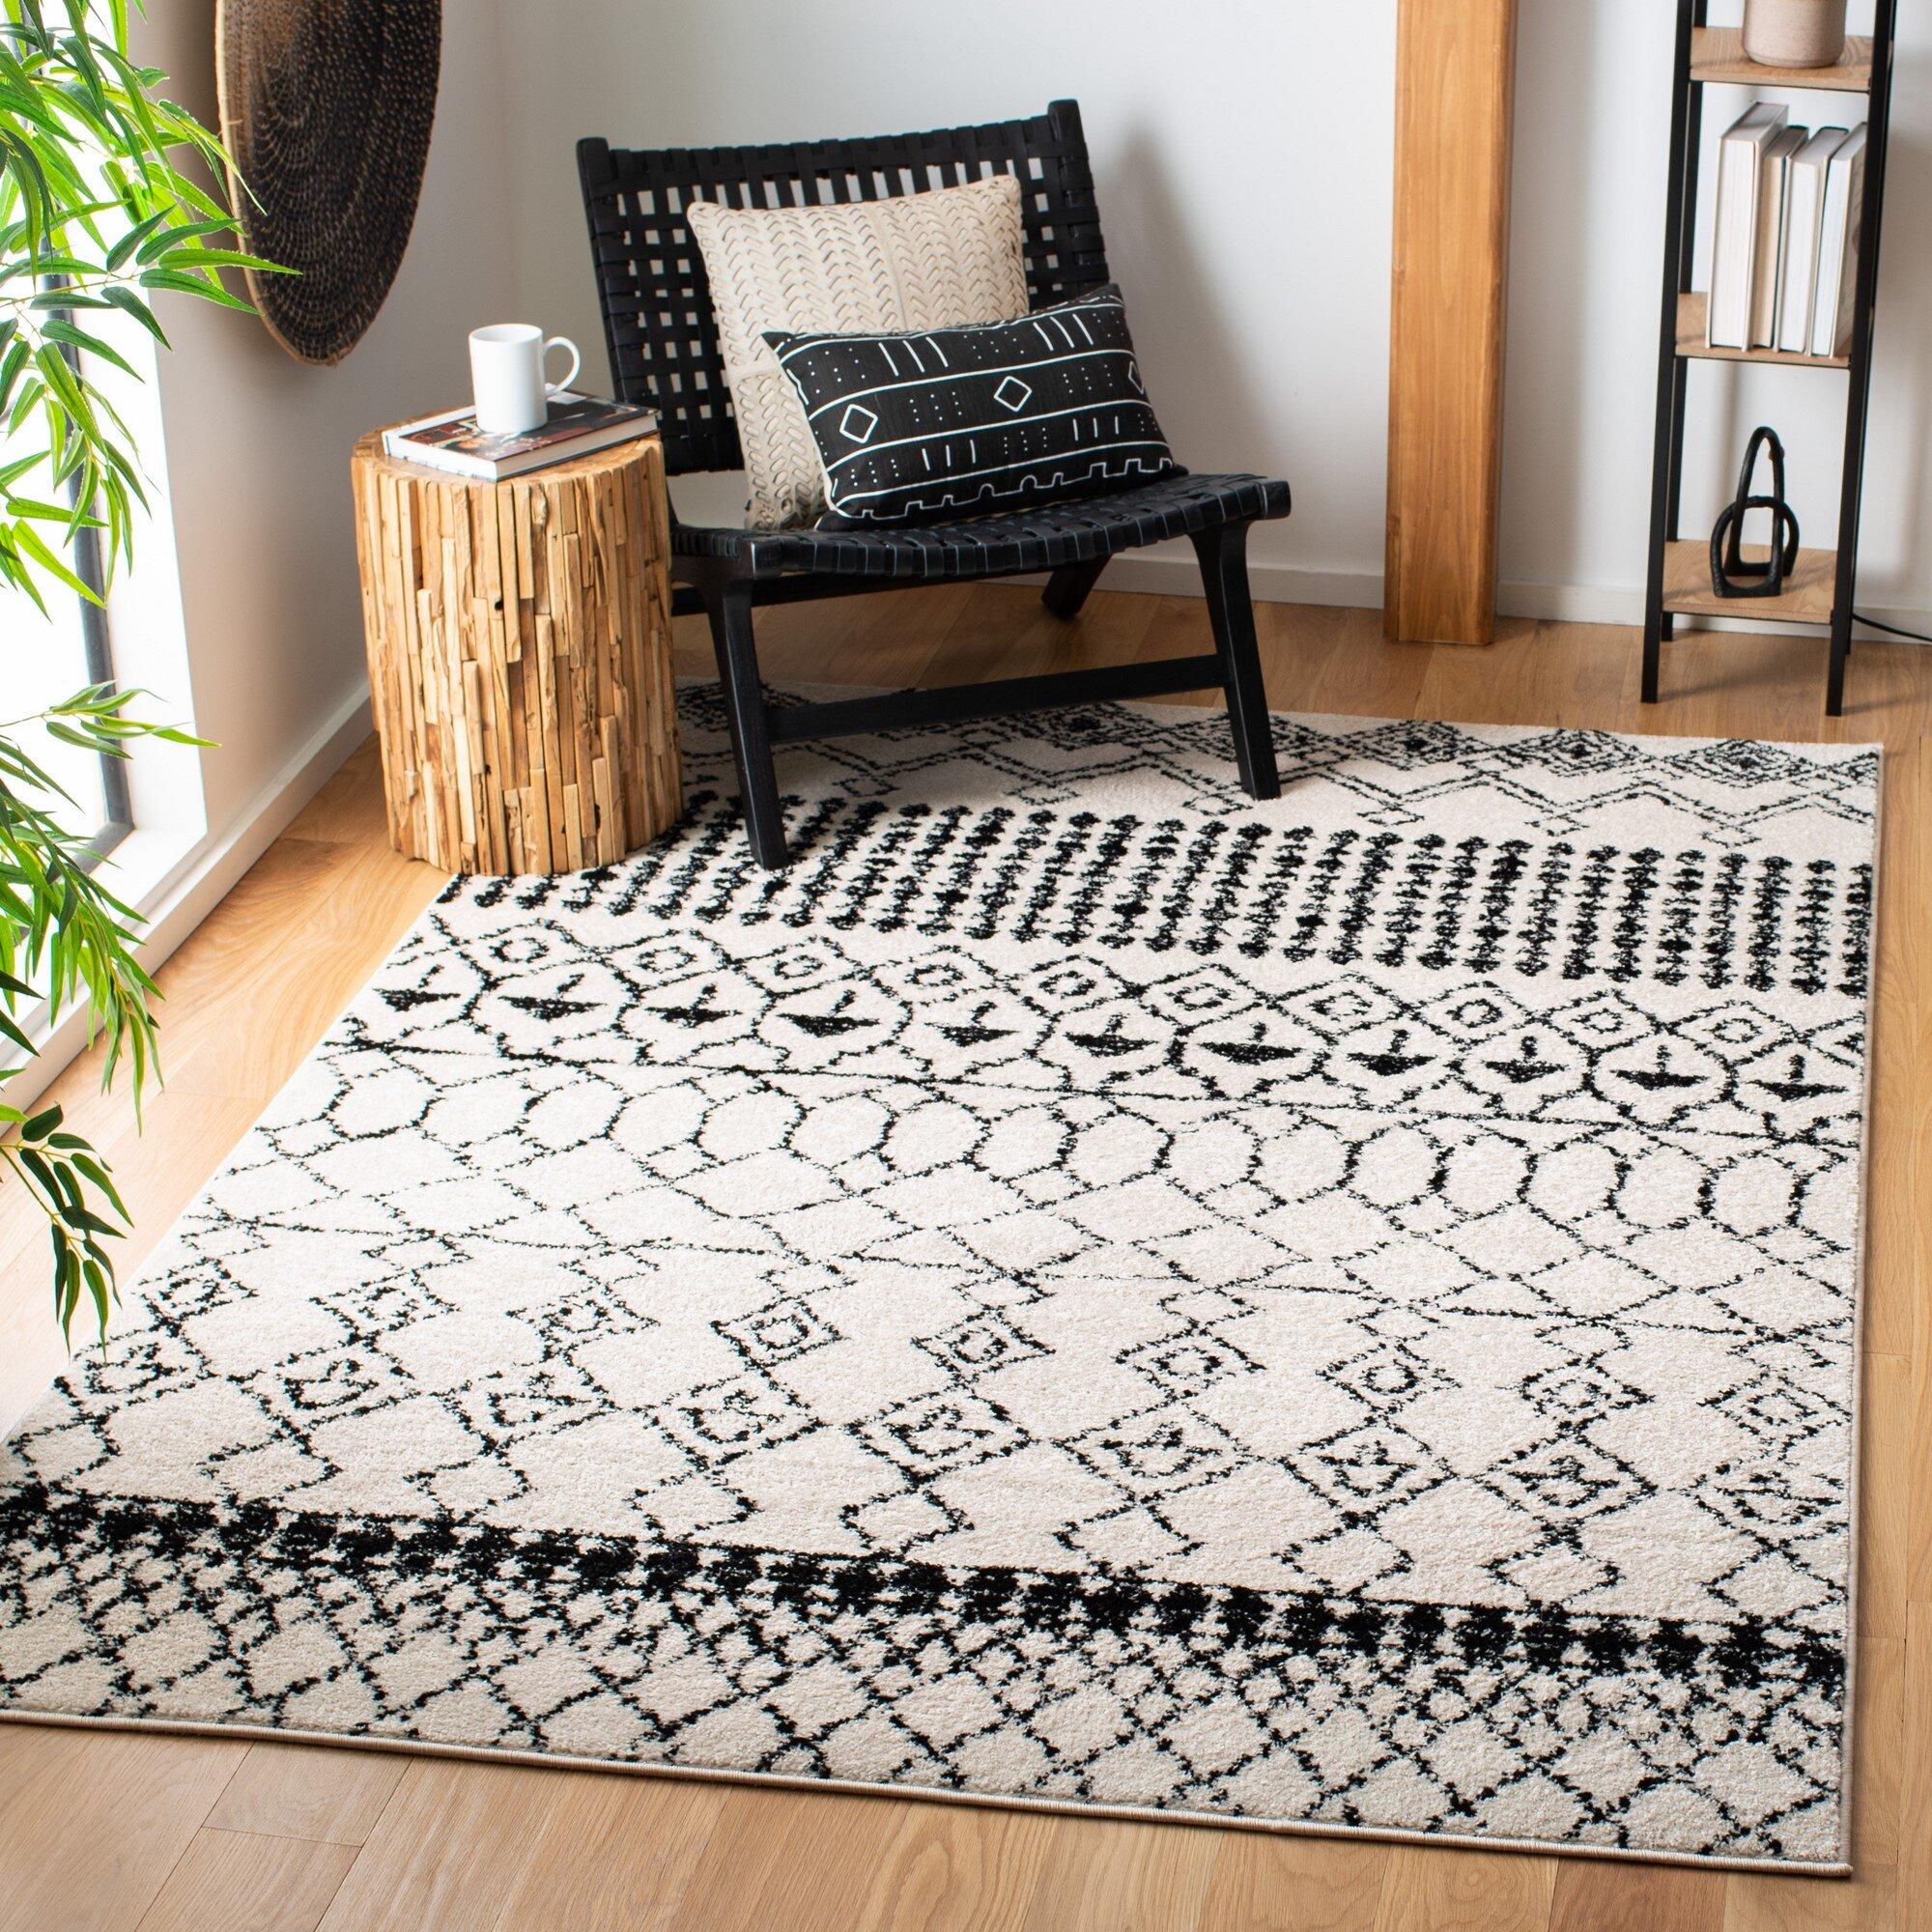 Foundry Select Cobos Geometric Black Rug Reviews Wayfair